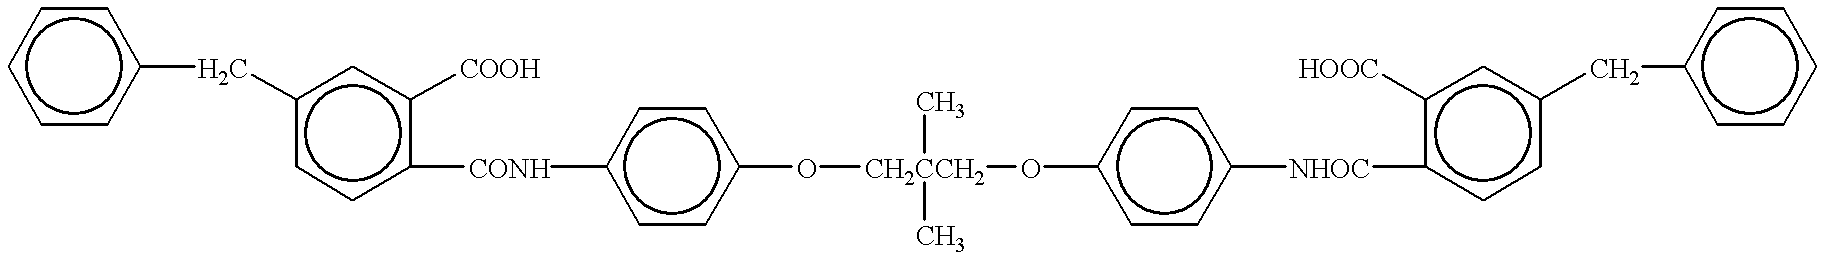 Figure US06180560-20010130-C00543